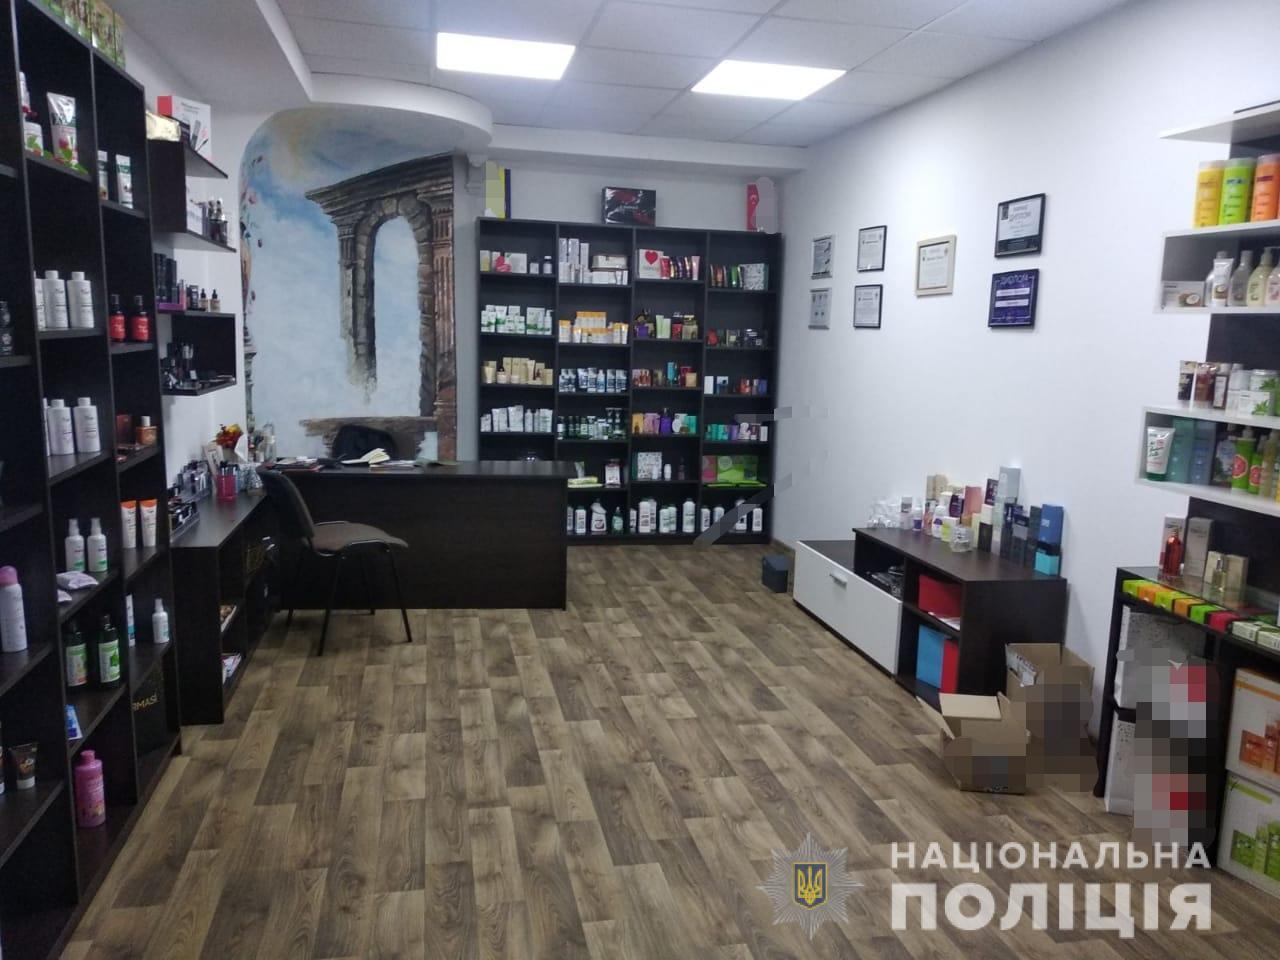 Шахрайським способом жителька Мукачева привласнила товар косметичної фірми. Сума заподіяних збитків склала близько 170 тисяч гривень.